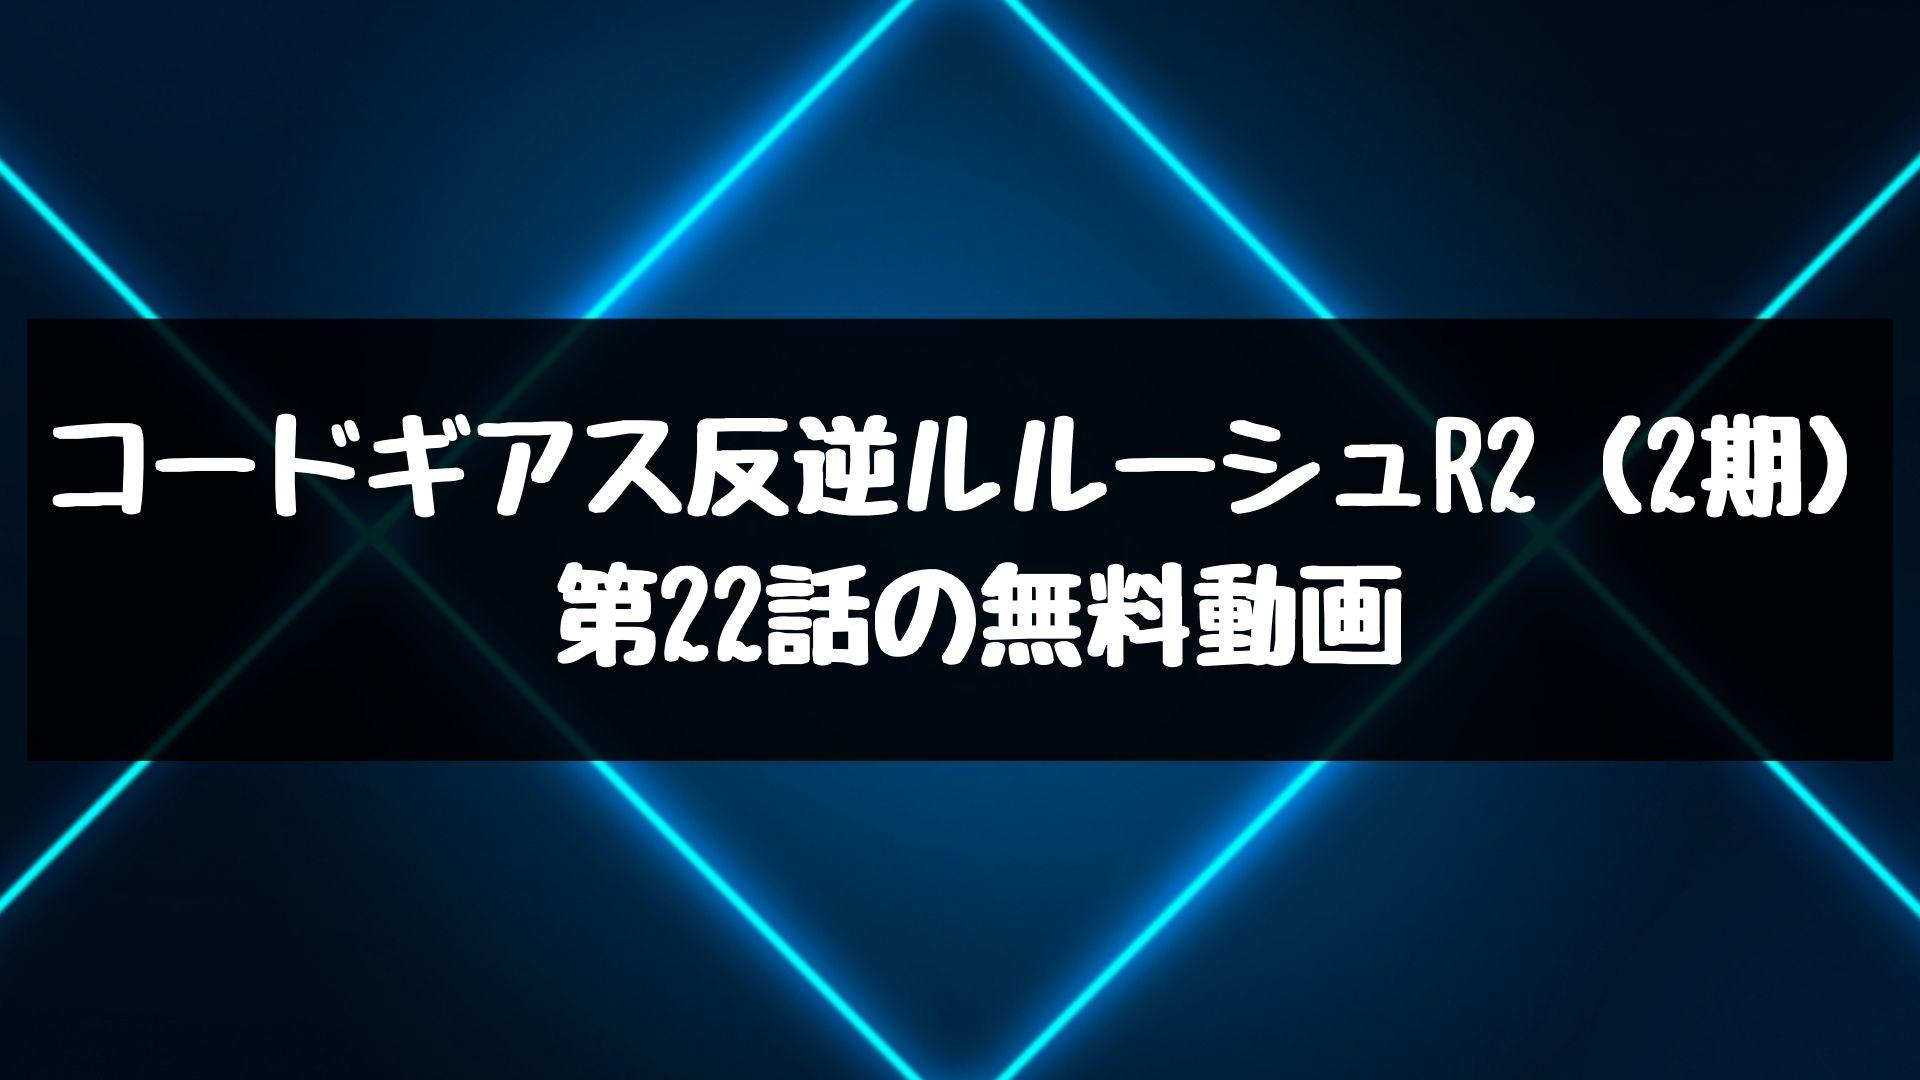 コードギアス反逆ルルーシュR2(2期) 第22話の無料動画